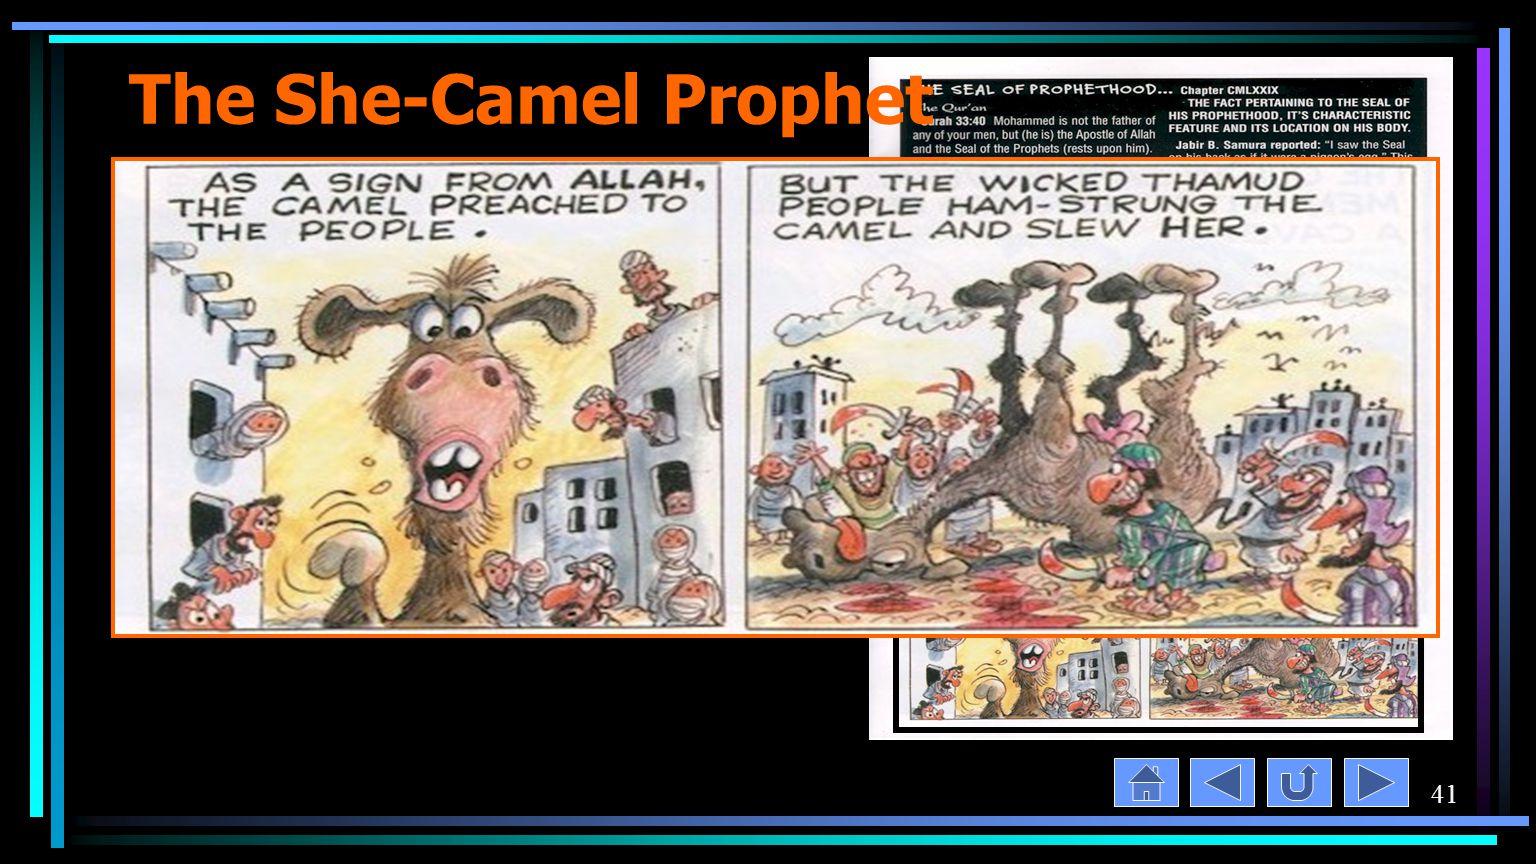 41 The She-Camel Prophet